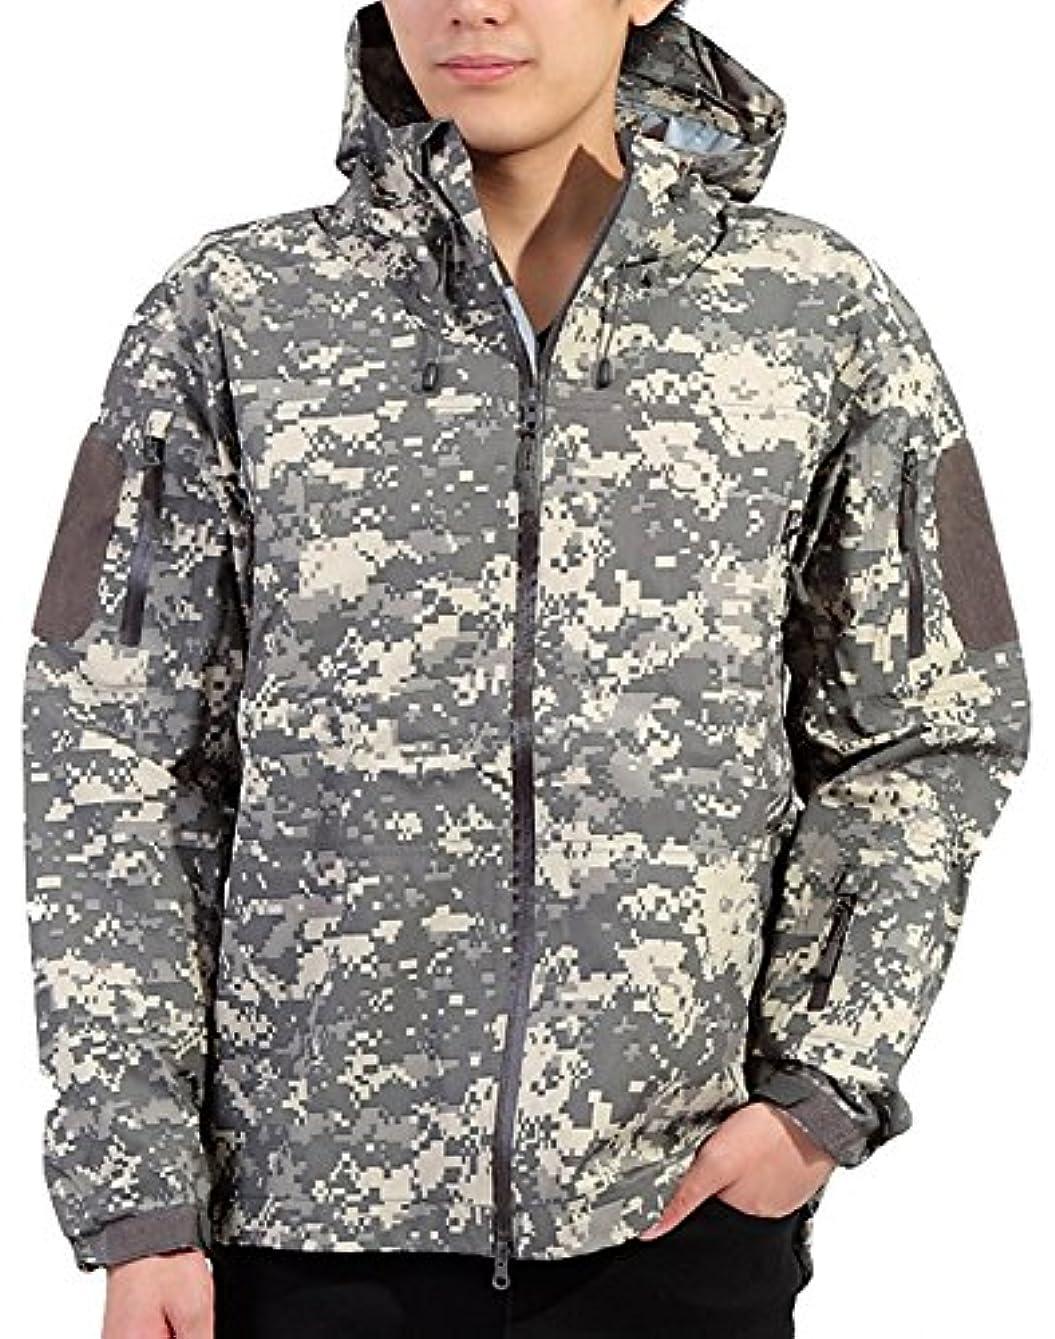 合意観光に行く川ウミネコ(Umineko) レインジャケット メンズ S M L XL XXL 耐水圧10000mm 透湿度10000g 防寒